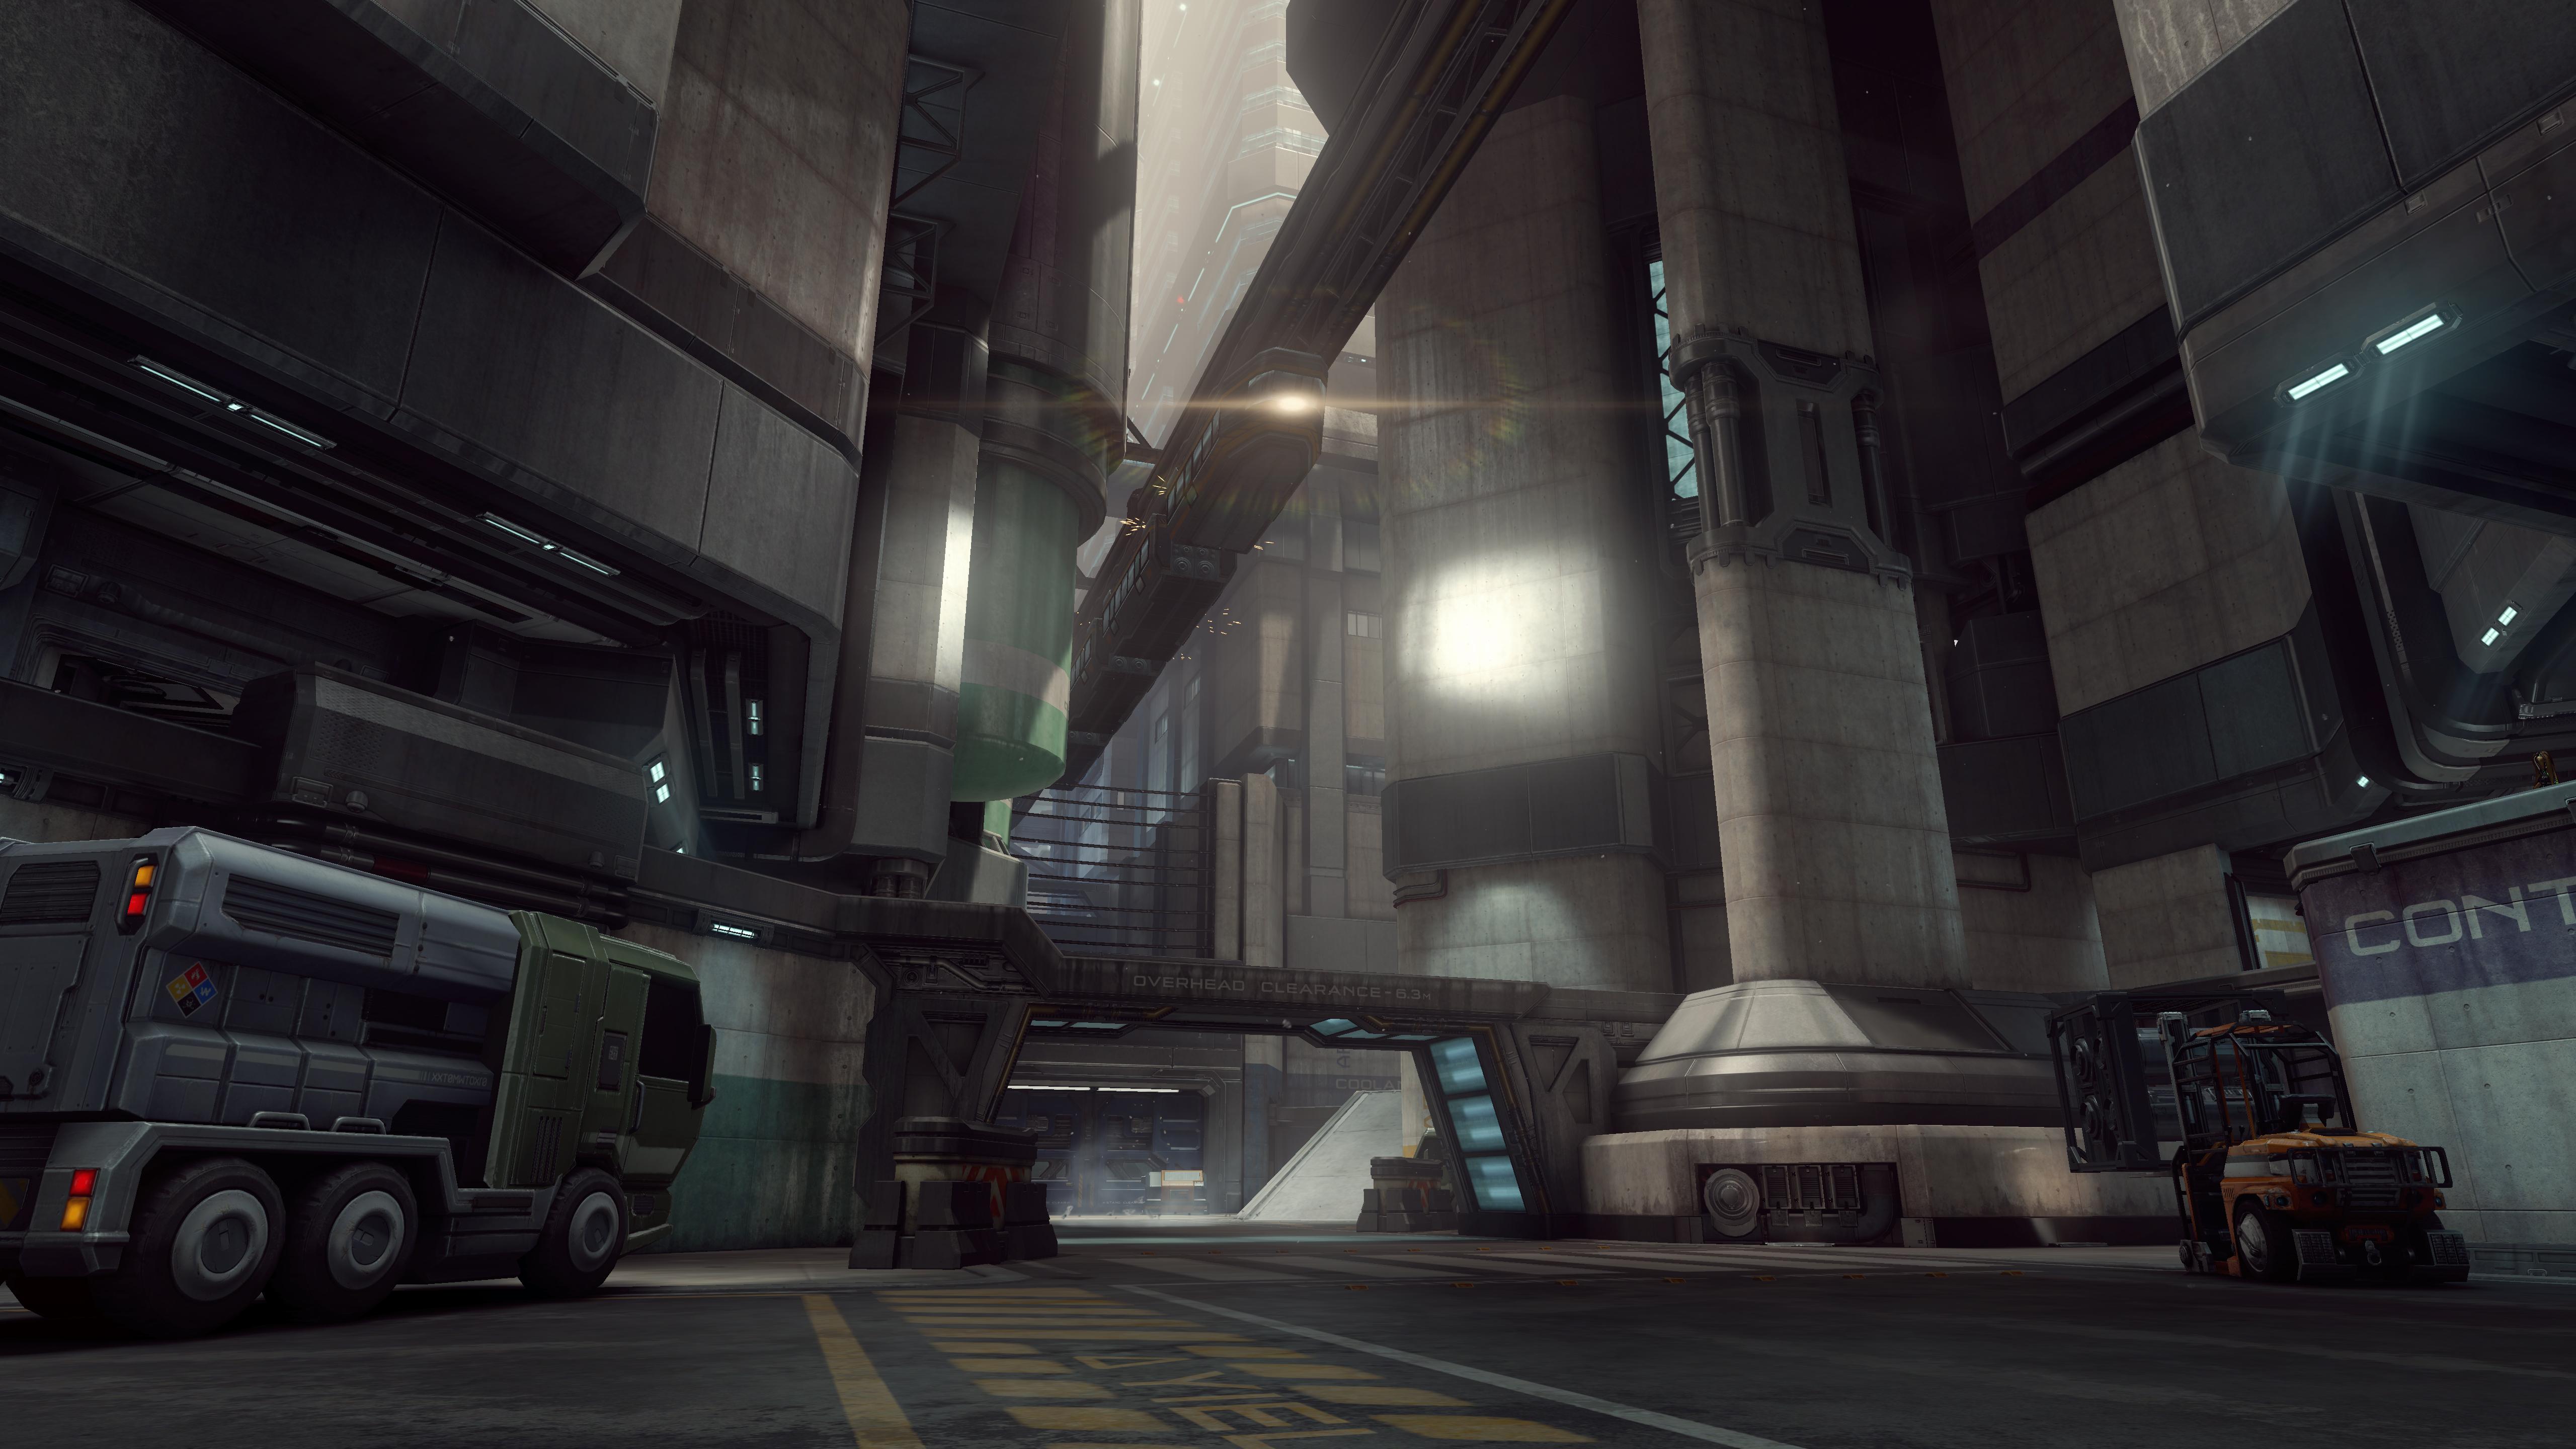 Halo 4 oddball matchmaking